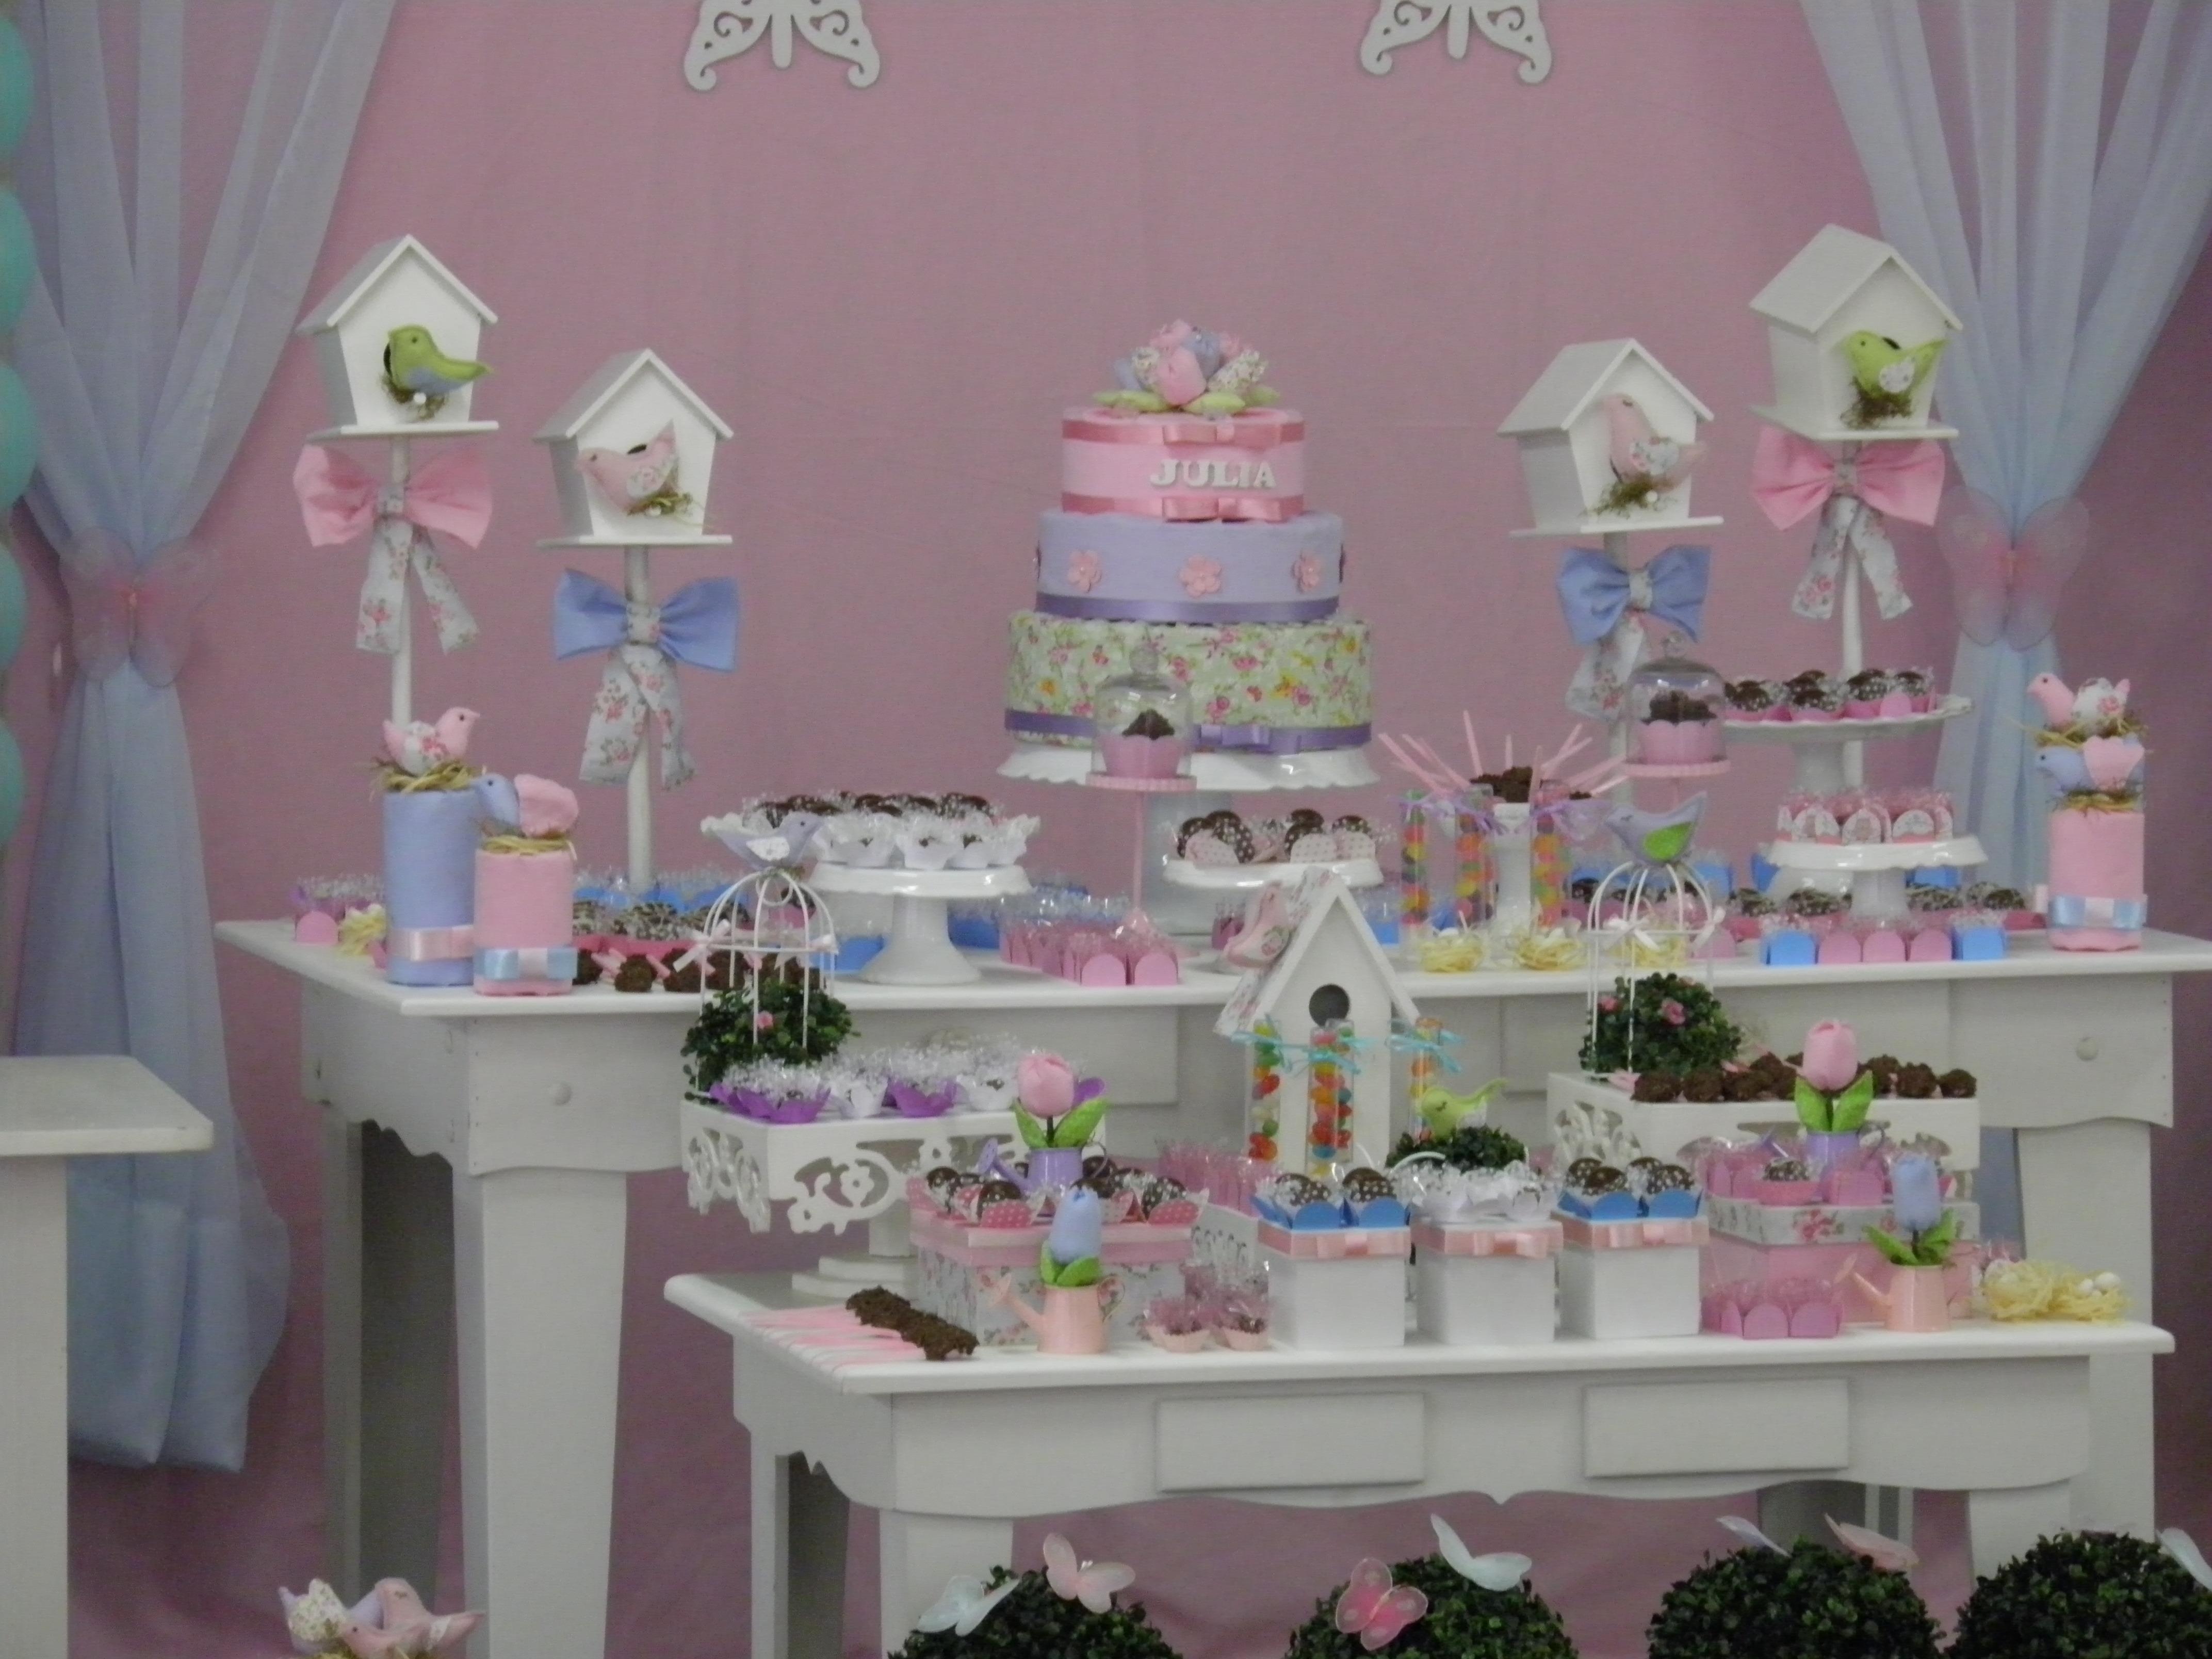 festa jardim infantil : festa jardim infantil:Festa jardim passarinhos e borboletas